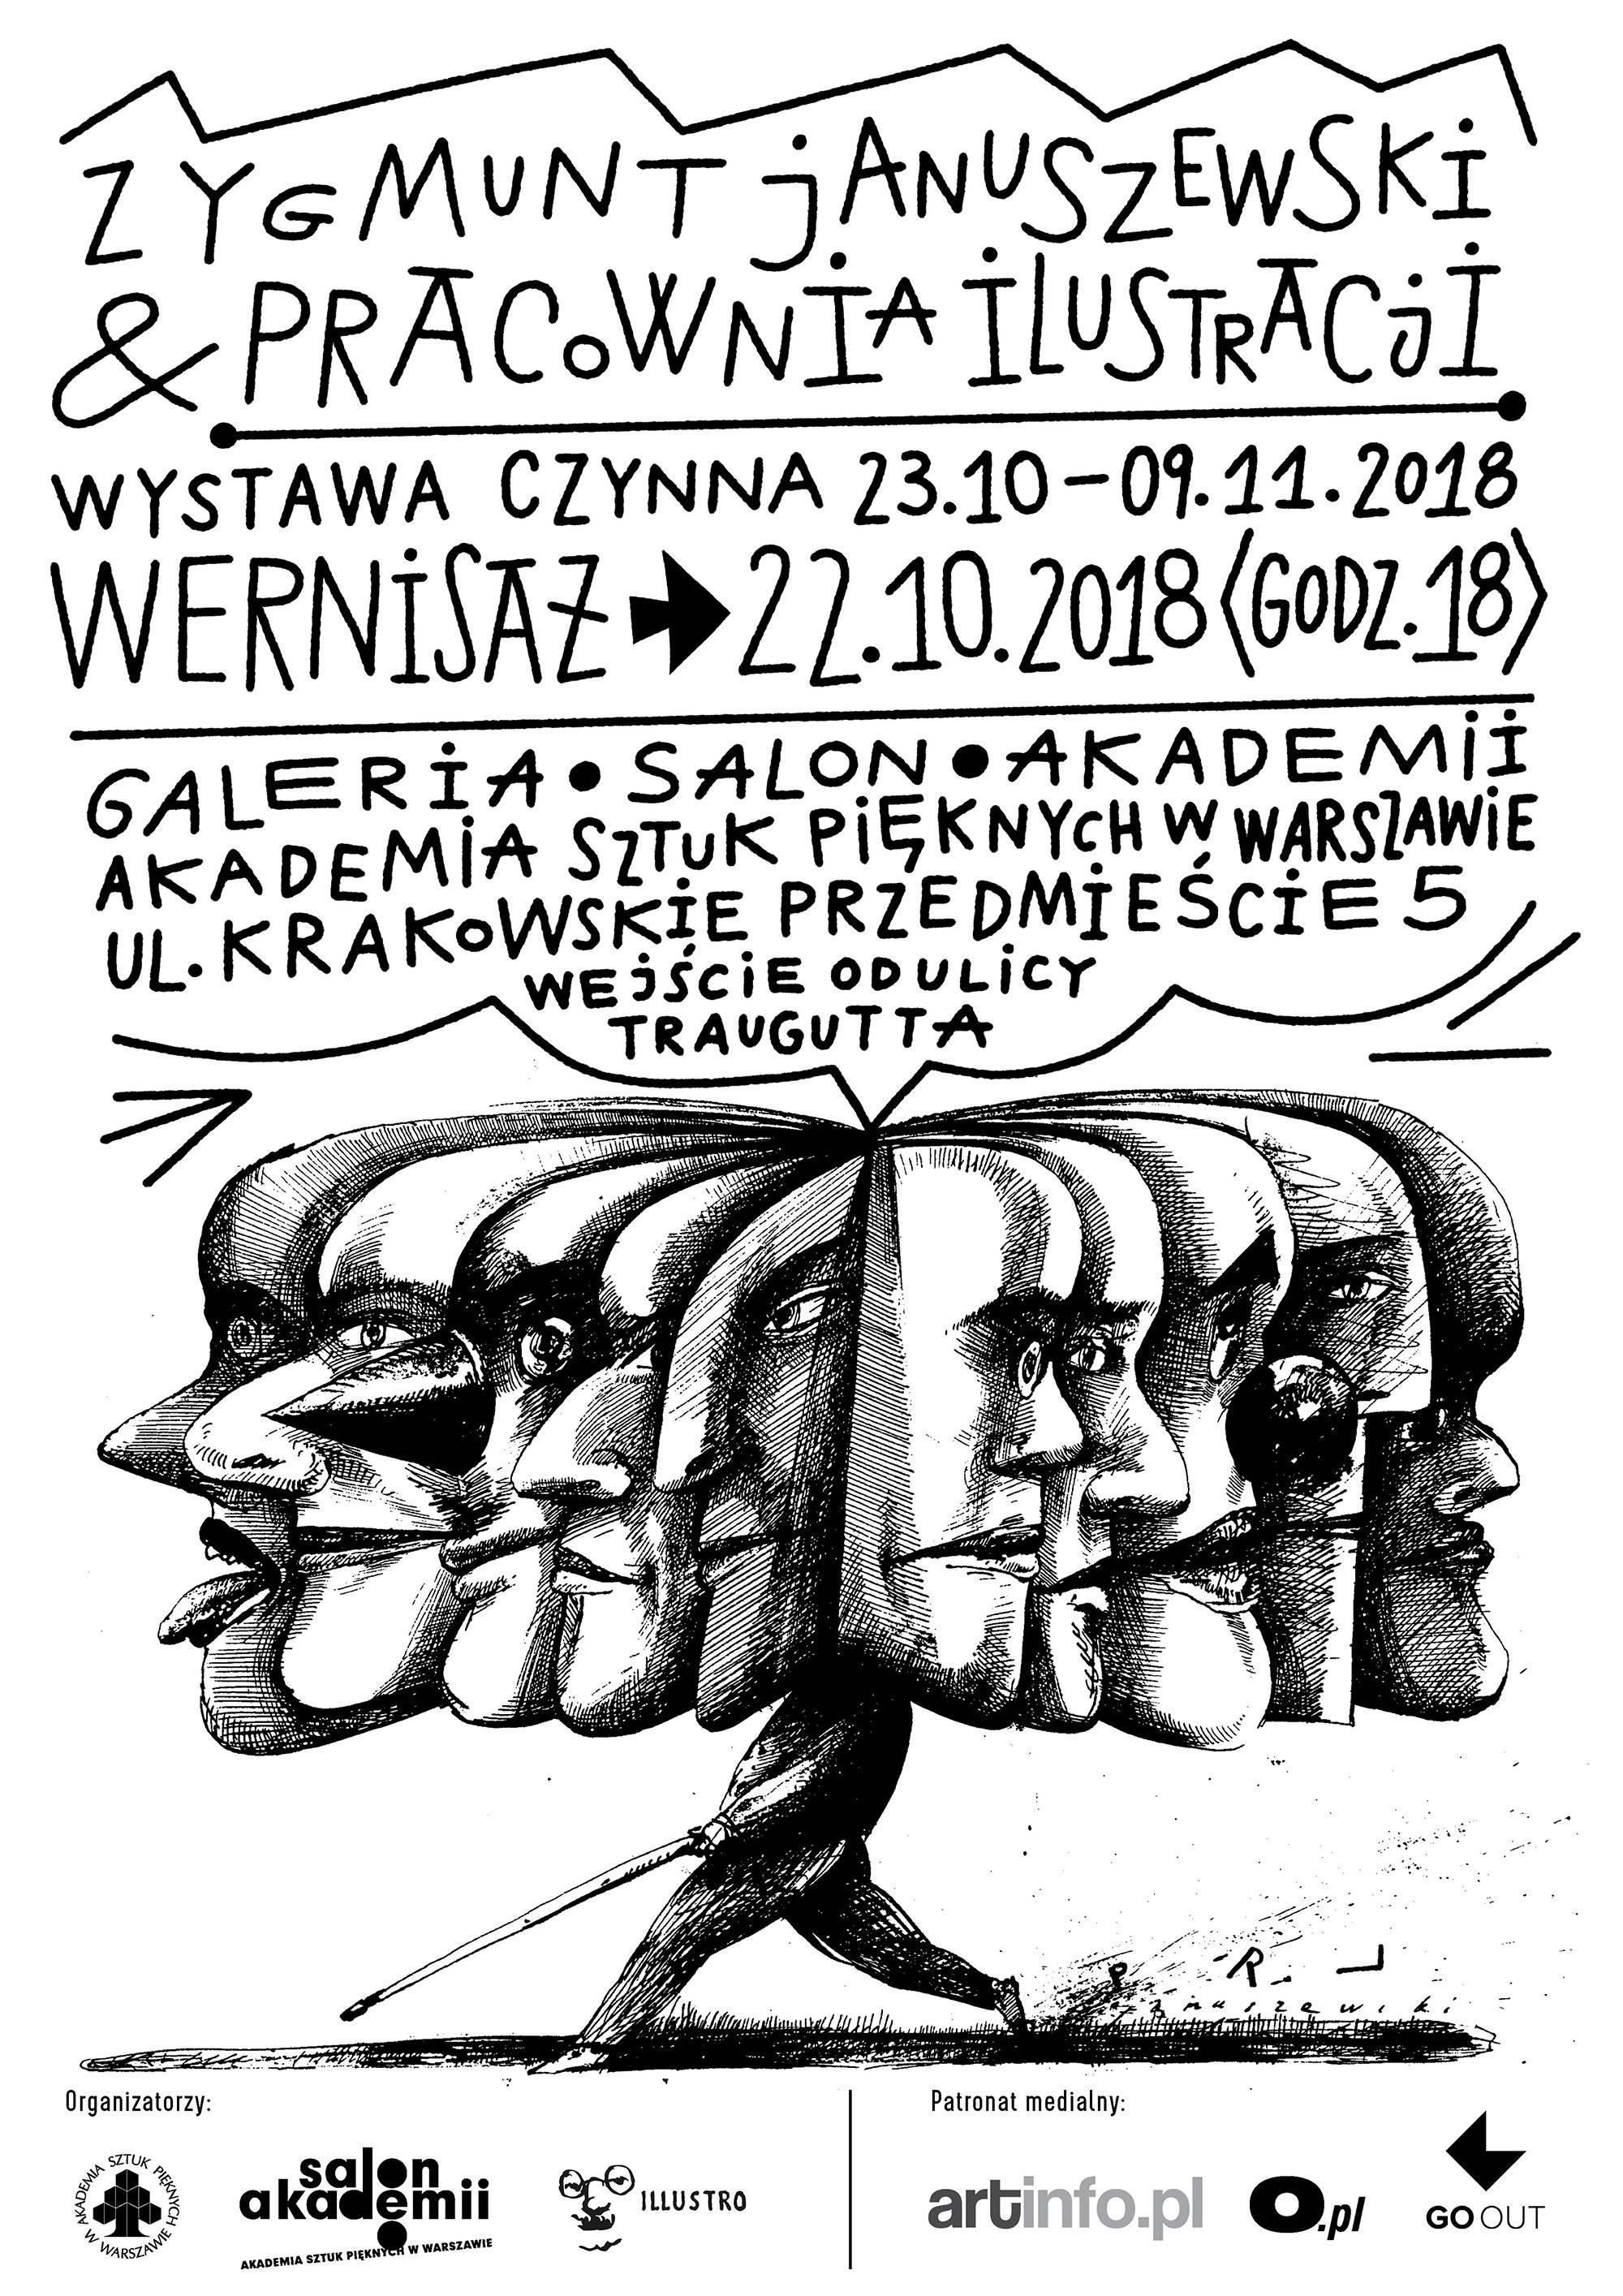 """""""Zygmunt Januszewski & Pracownia Ilustracji"""" (źródło: materiały prasowe organizatora)"""